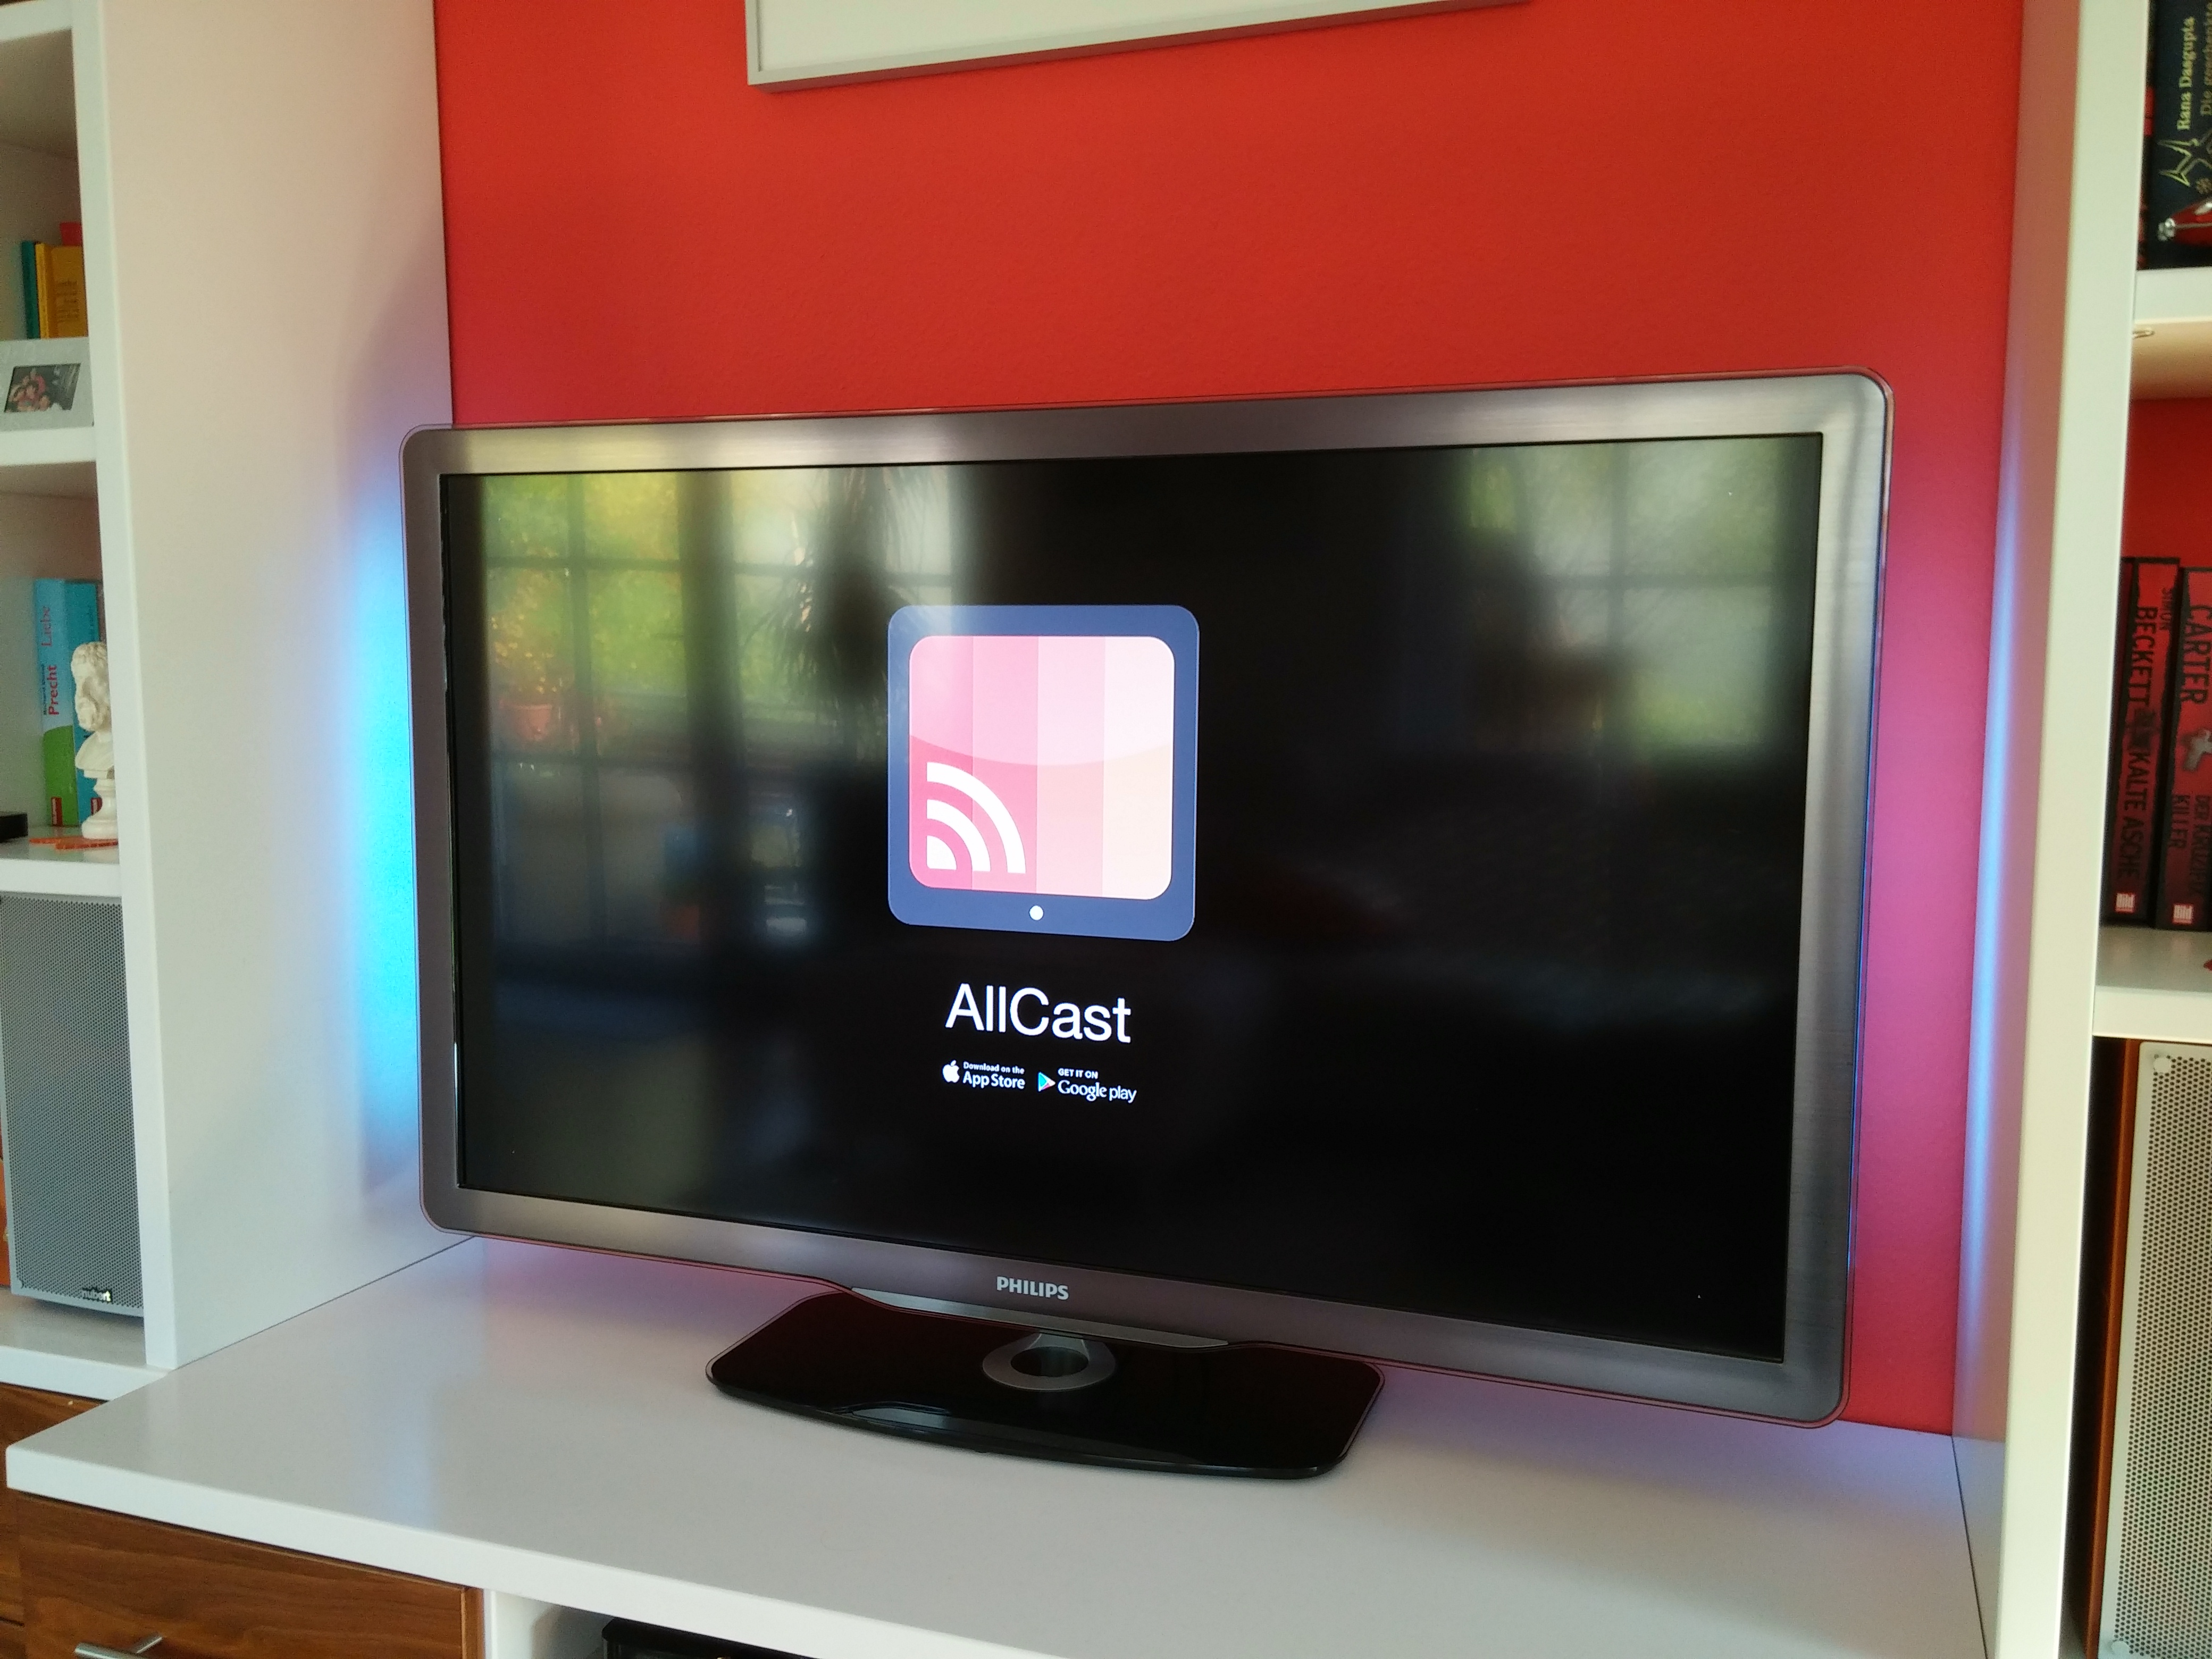 ... wird die App AllCast benötigt. (Bild: ZDNet.de)